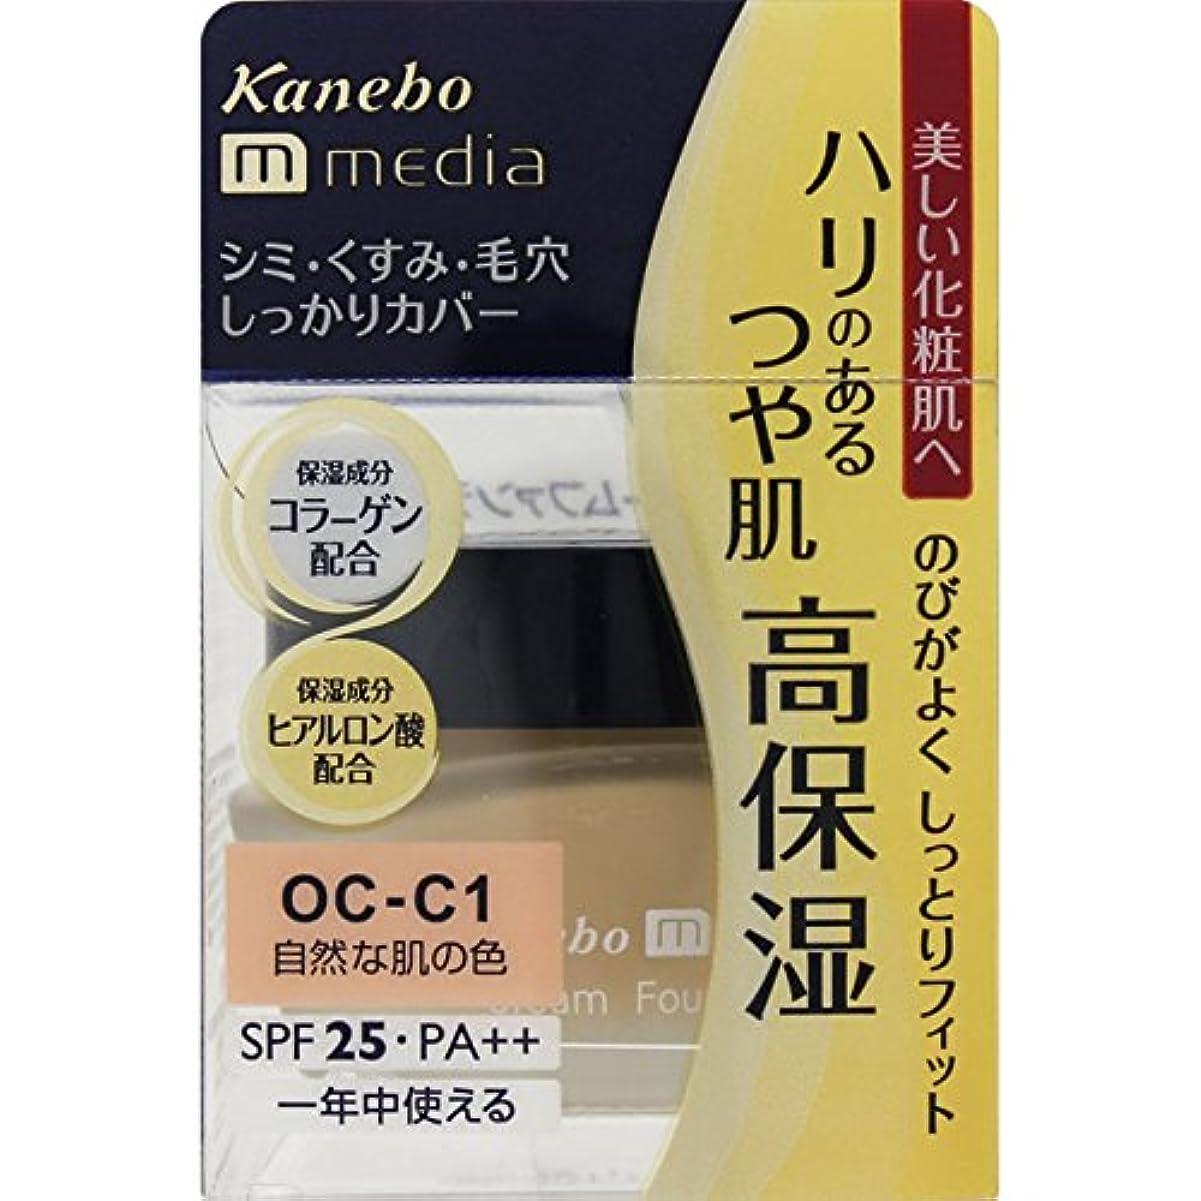 ソーセージ酸度追加するカネボウ media(メディア) クリームファンデーション OC-C1(自然な肌の色)